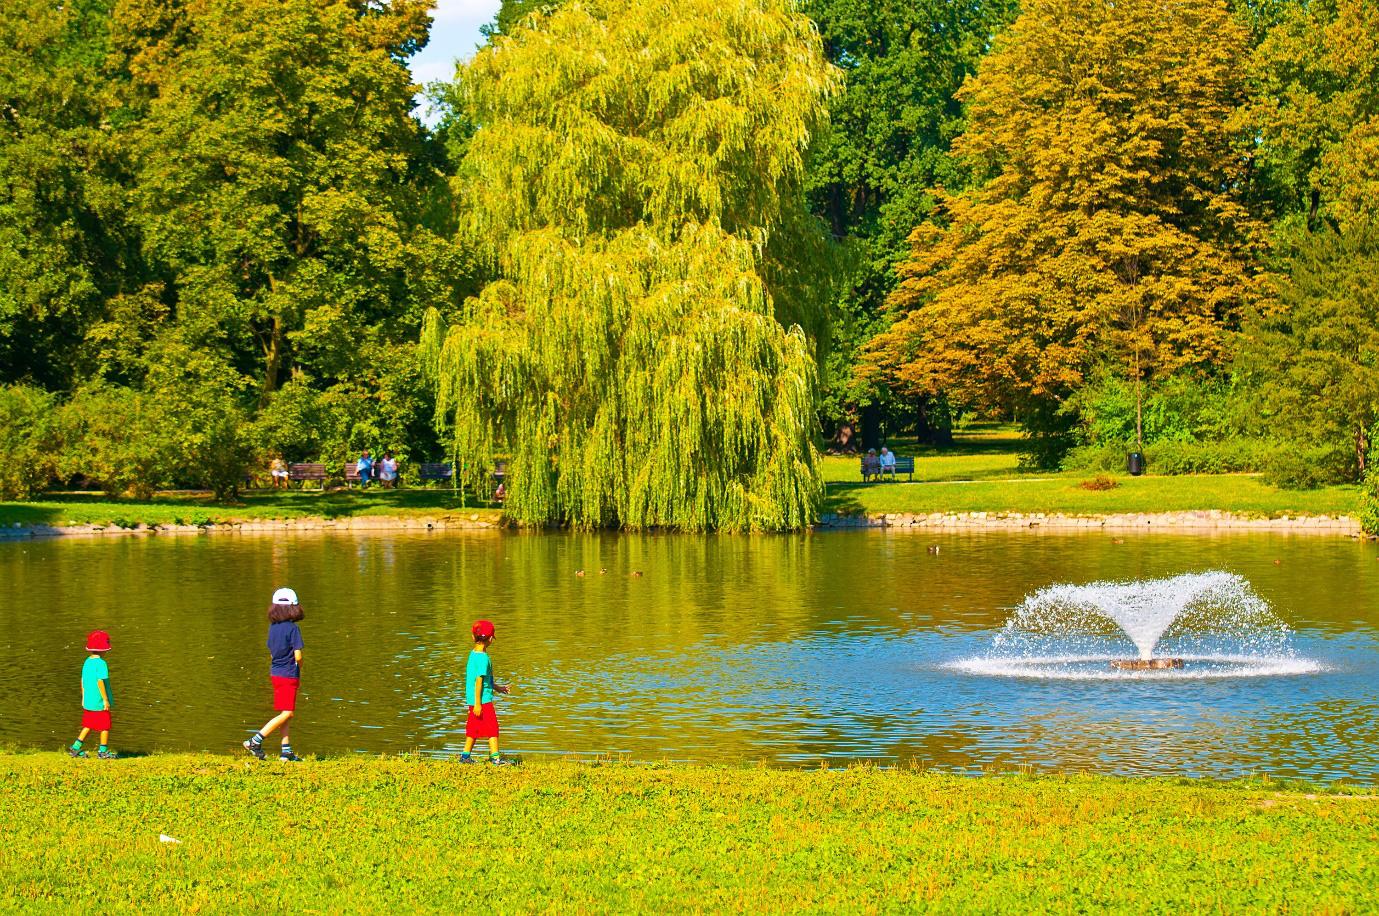 Thiên đường New Zealand – trải nghiệm kỳ nghỉ lý tưởng cho gia đình - Ảnh 1.